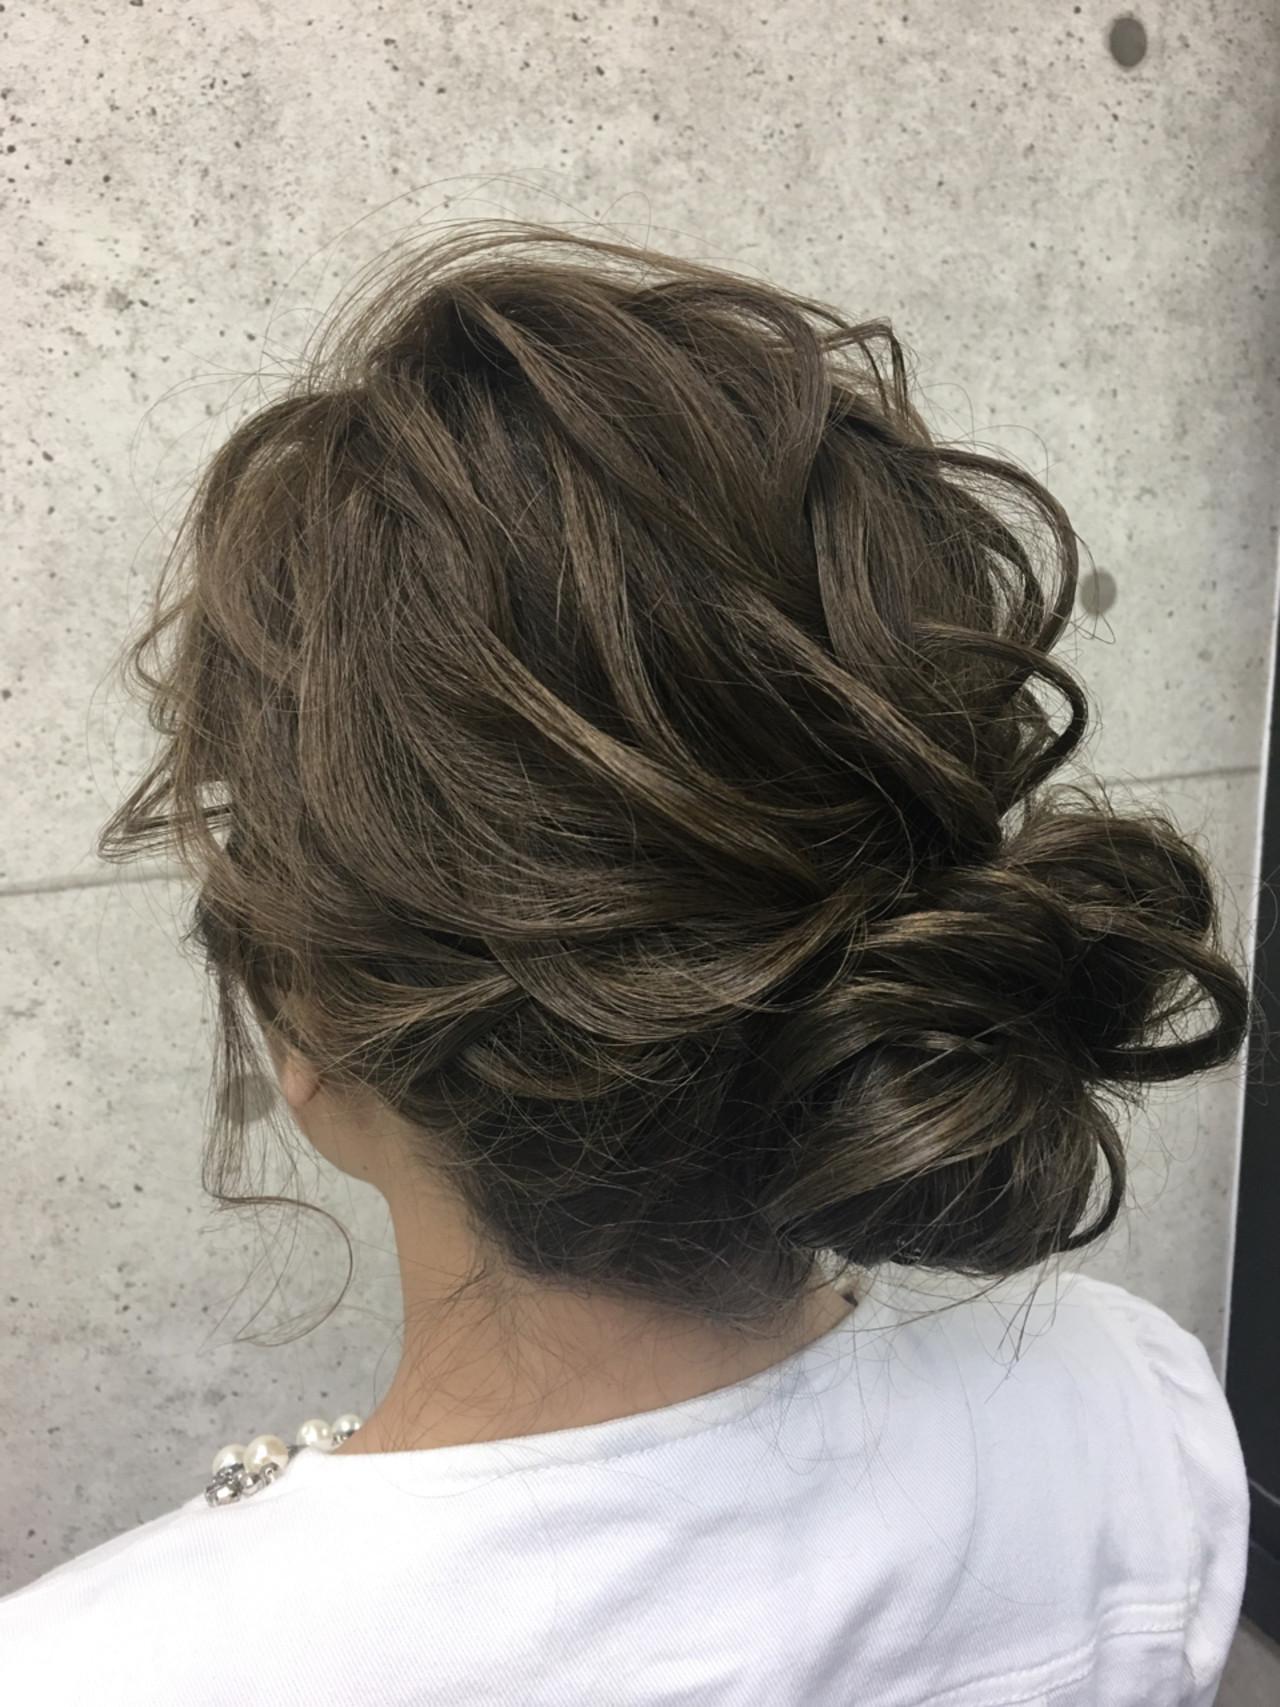 パーティ 成人式 エレガント アップスタイル ヘアスタイルや髪型の写真・画像